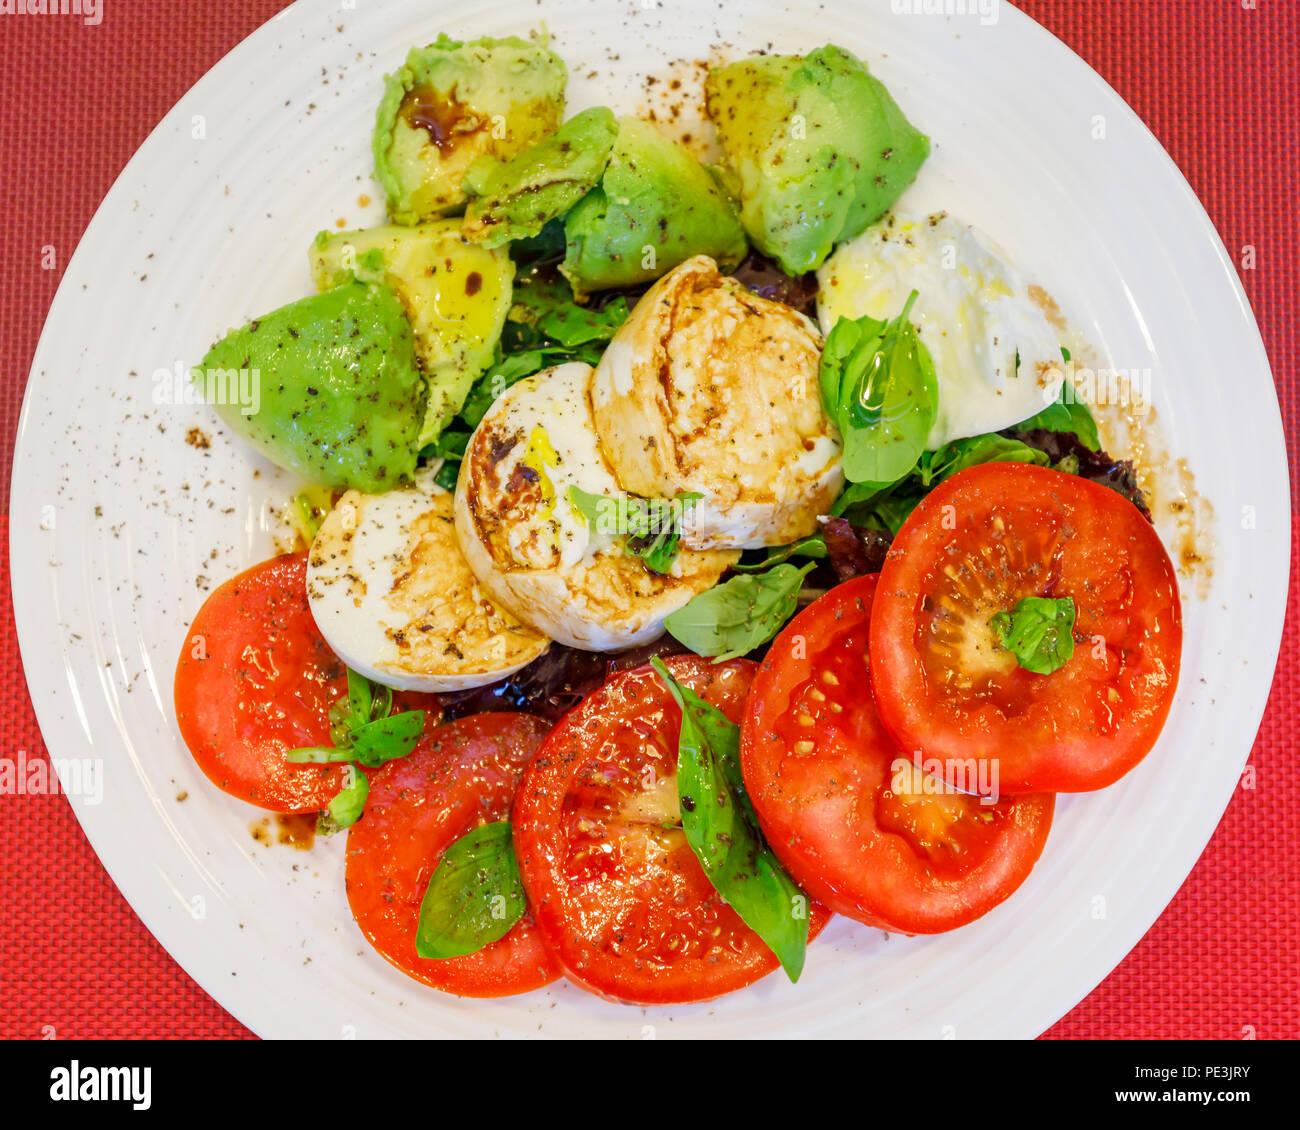 Gesunde Lebensweise: typisch mediterranen Diät, tricolore Salat Zutaten in Scheiben geschnittenen roten Tomaten, White Buffalo Mozzarella und grünen Avocado pear Stockbild